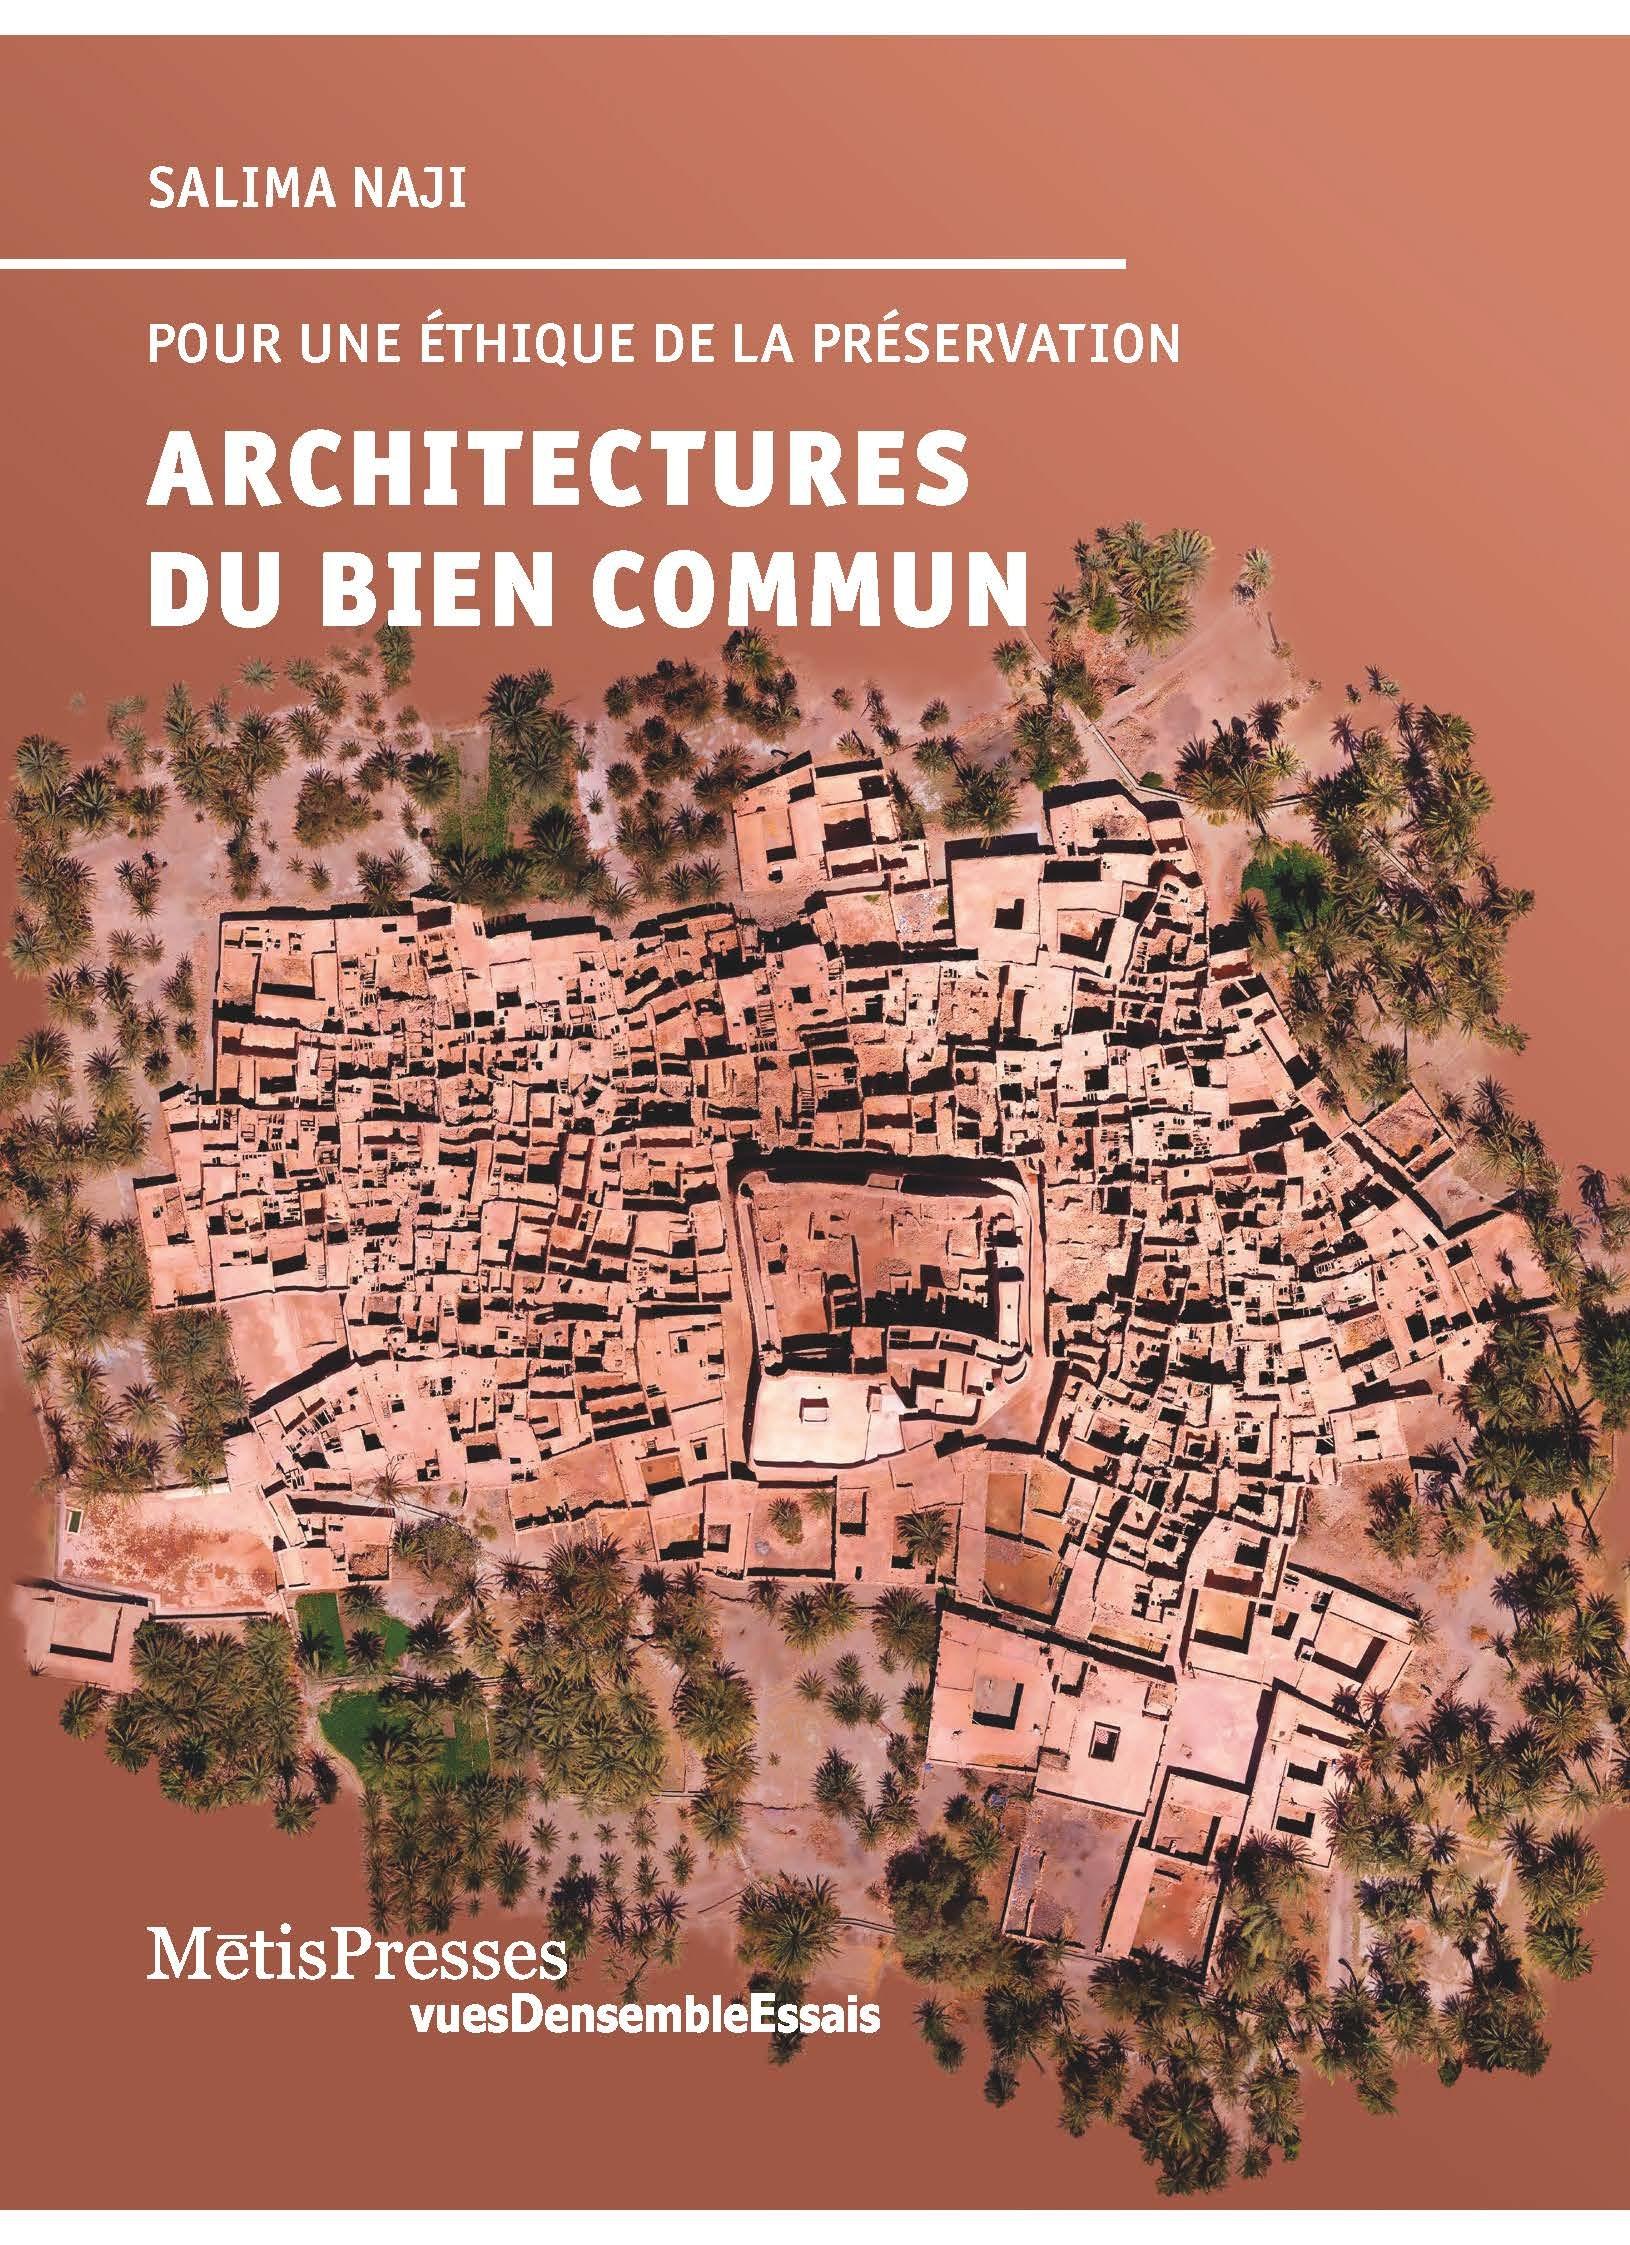 ARCHITECTURES DU BIEN COMMUN - POUR UNE ETHIQUE DE LA PRESERVATION